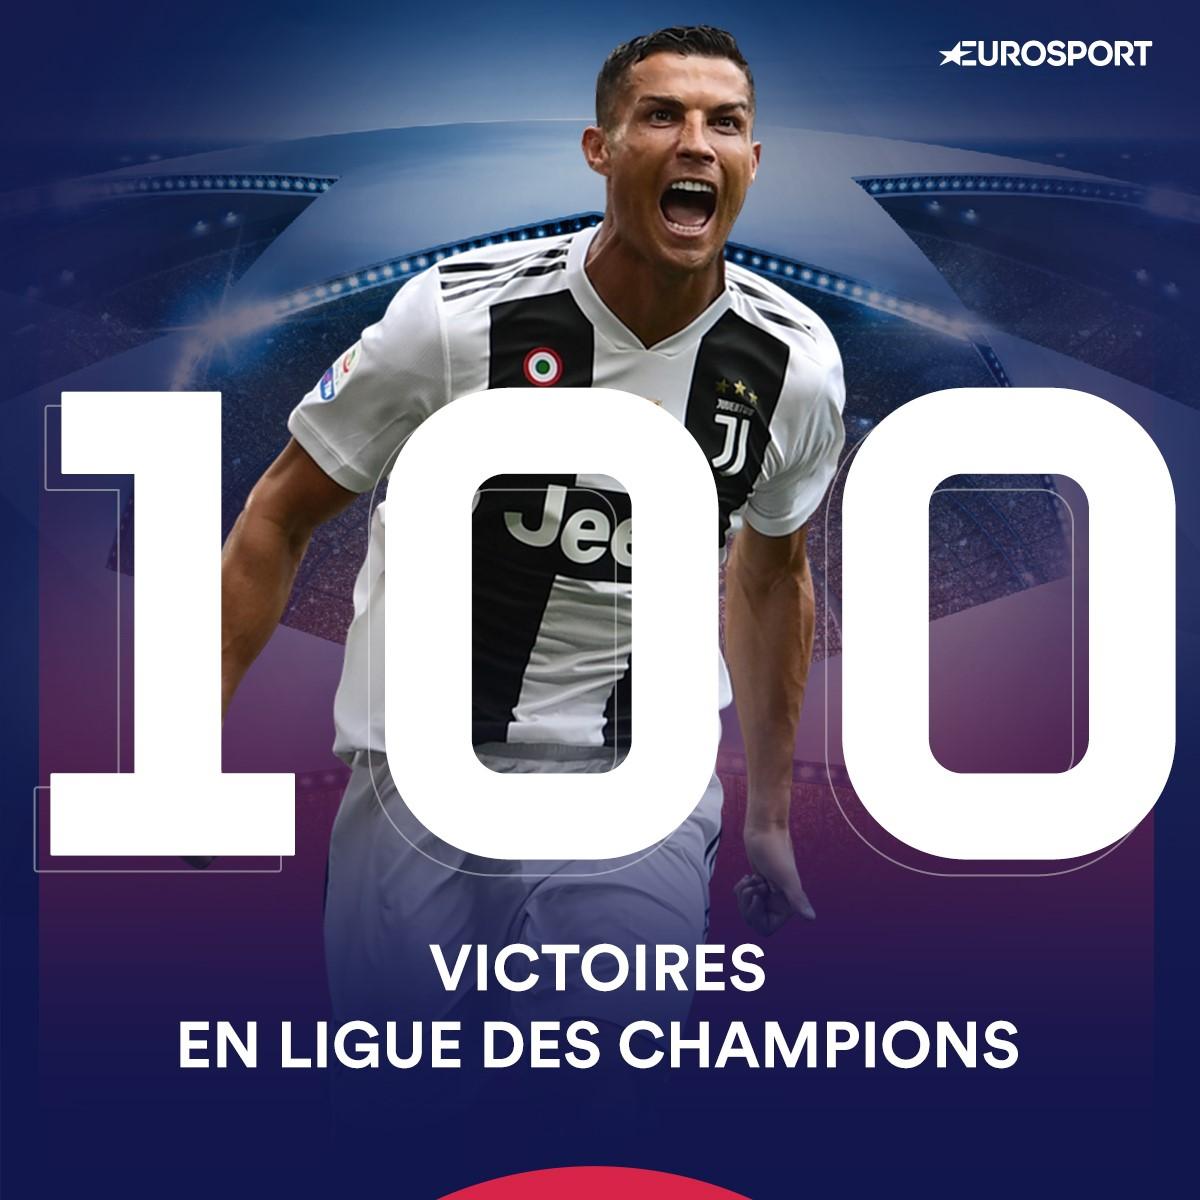 Cristiano Ronaldo, premier joueur de l'histoire à atteindre le cap des 100 victoires en Ligue des champions.